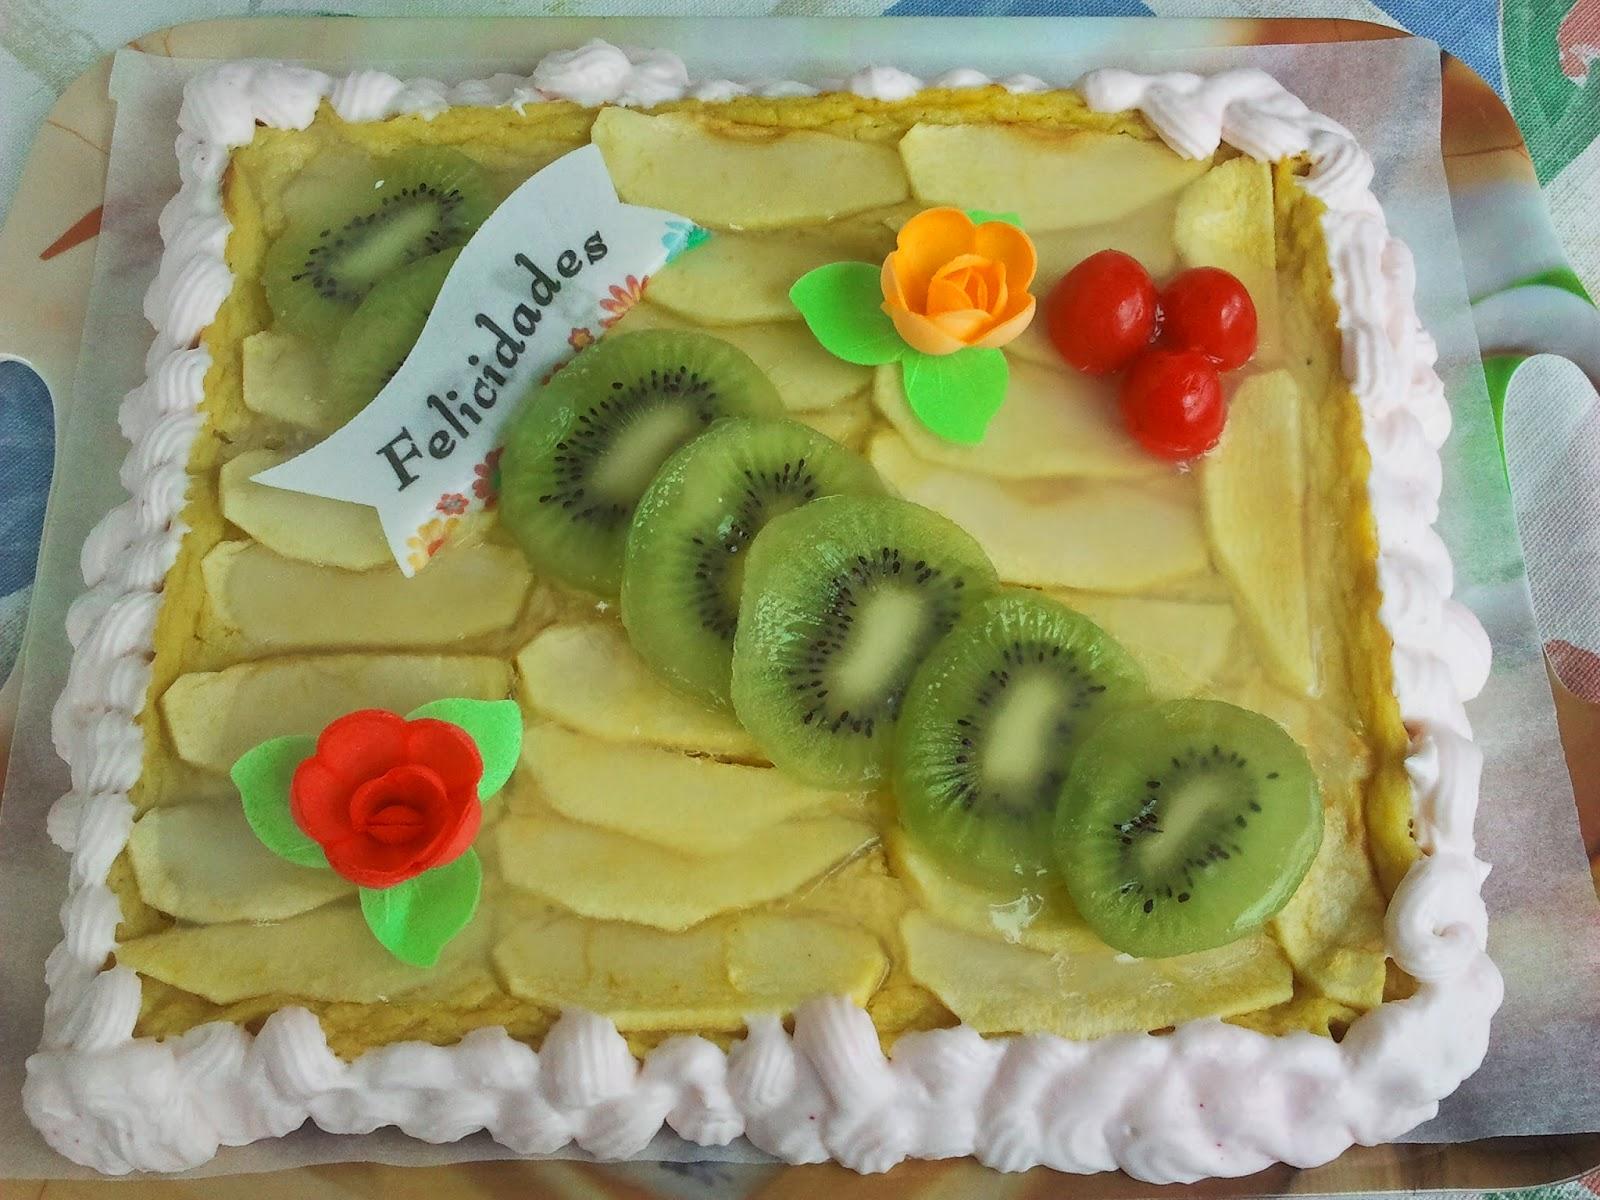 http://acocinate.blogspot.com.es/2015/02/tarta-de-manzana.html